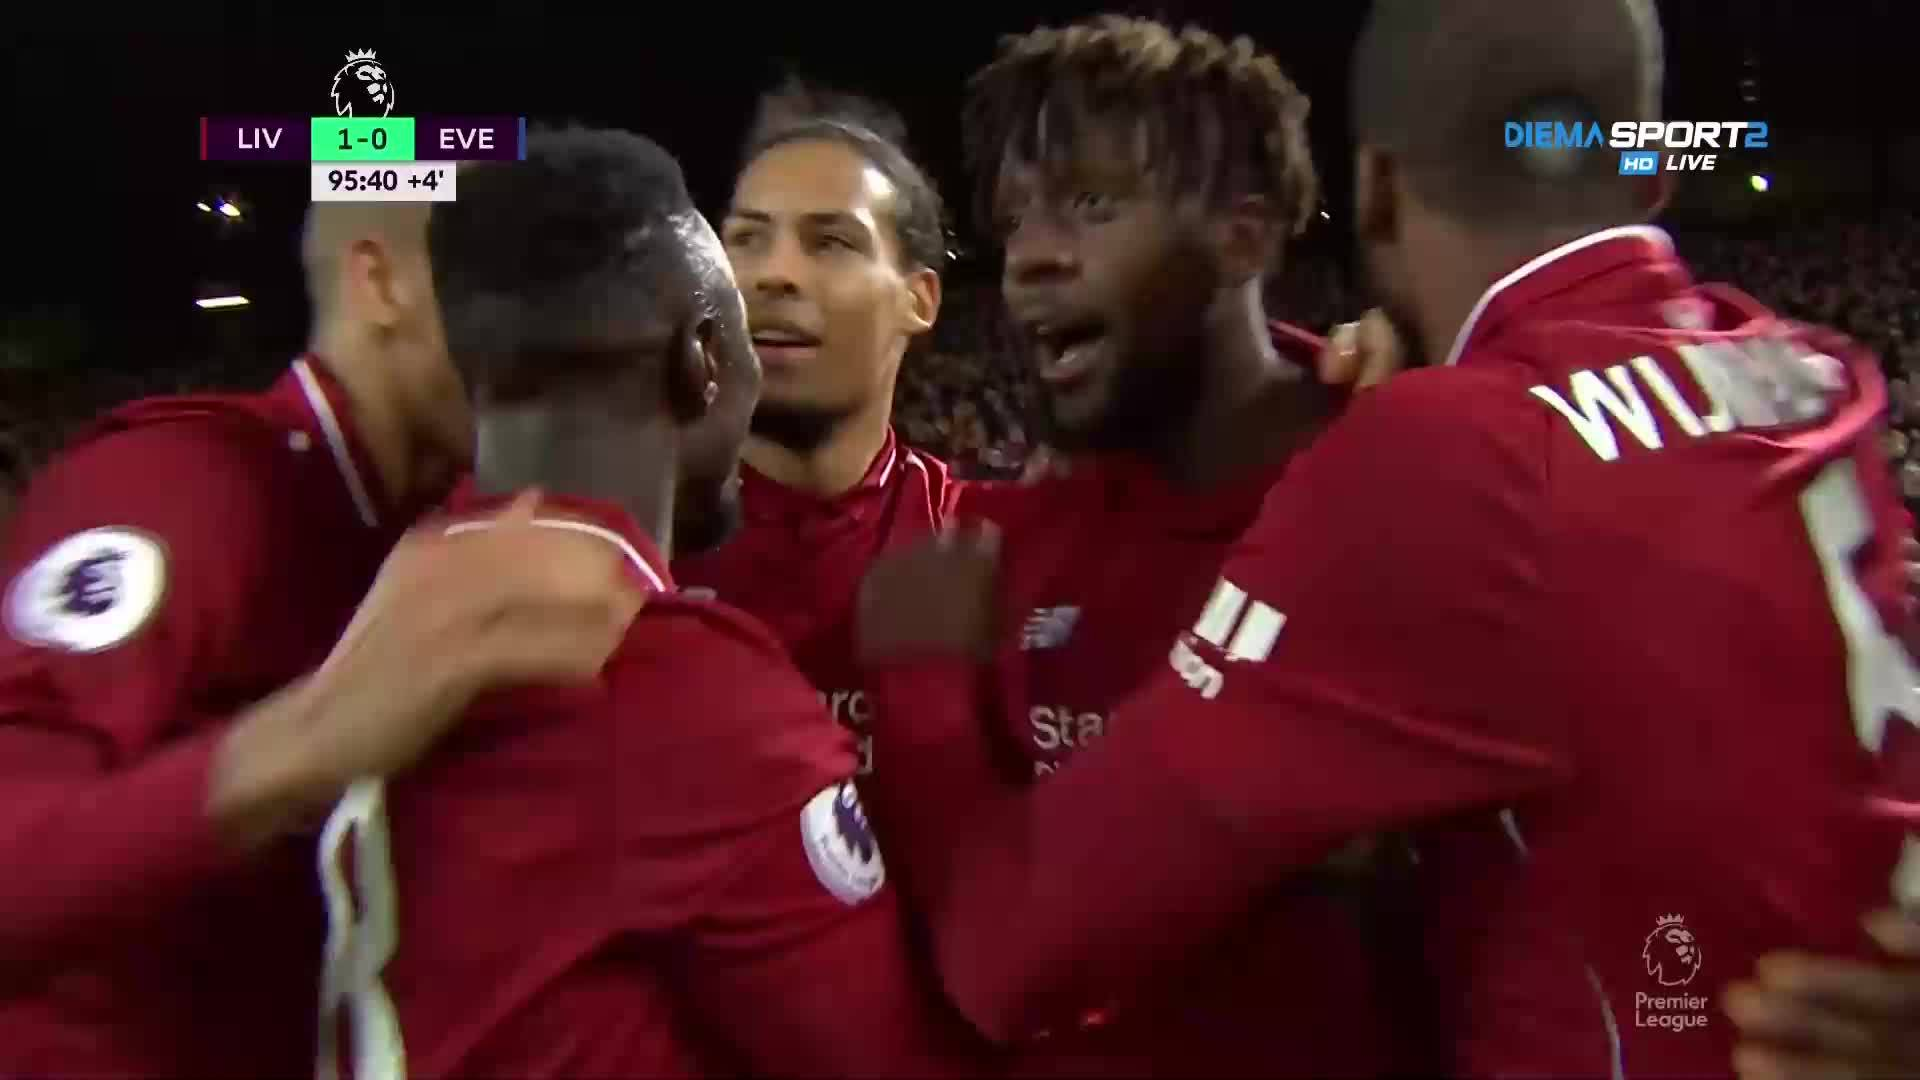 Това ли е най-куриозният гол в историята на Премиършип?